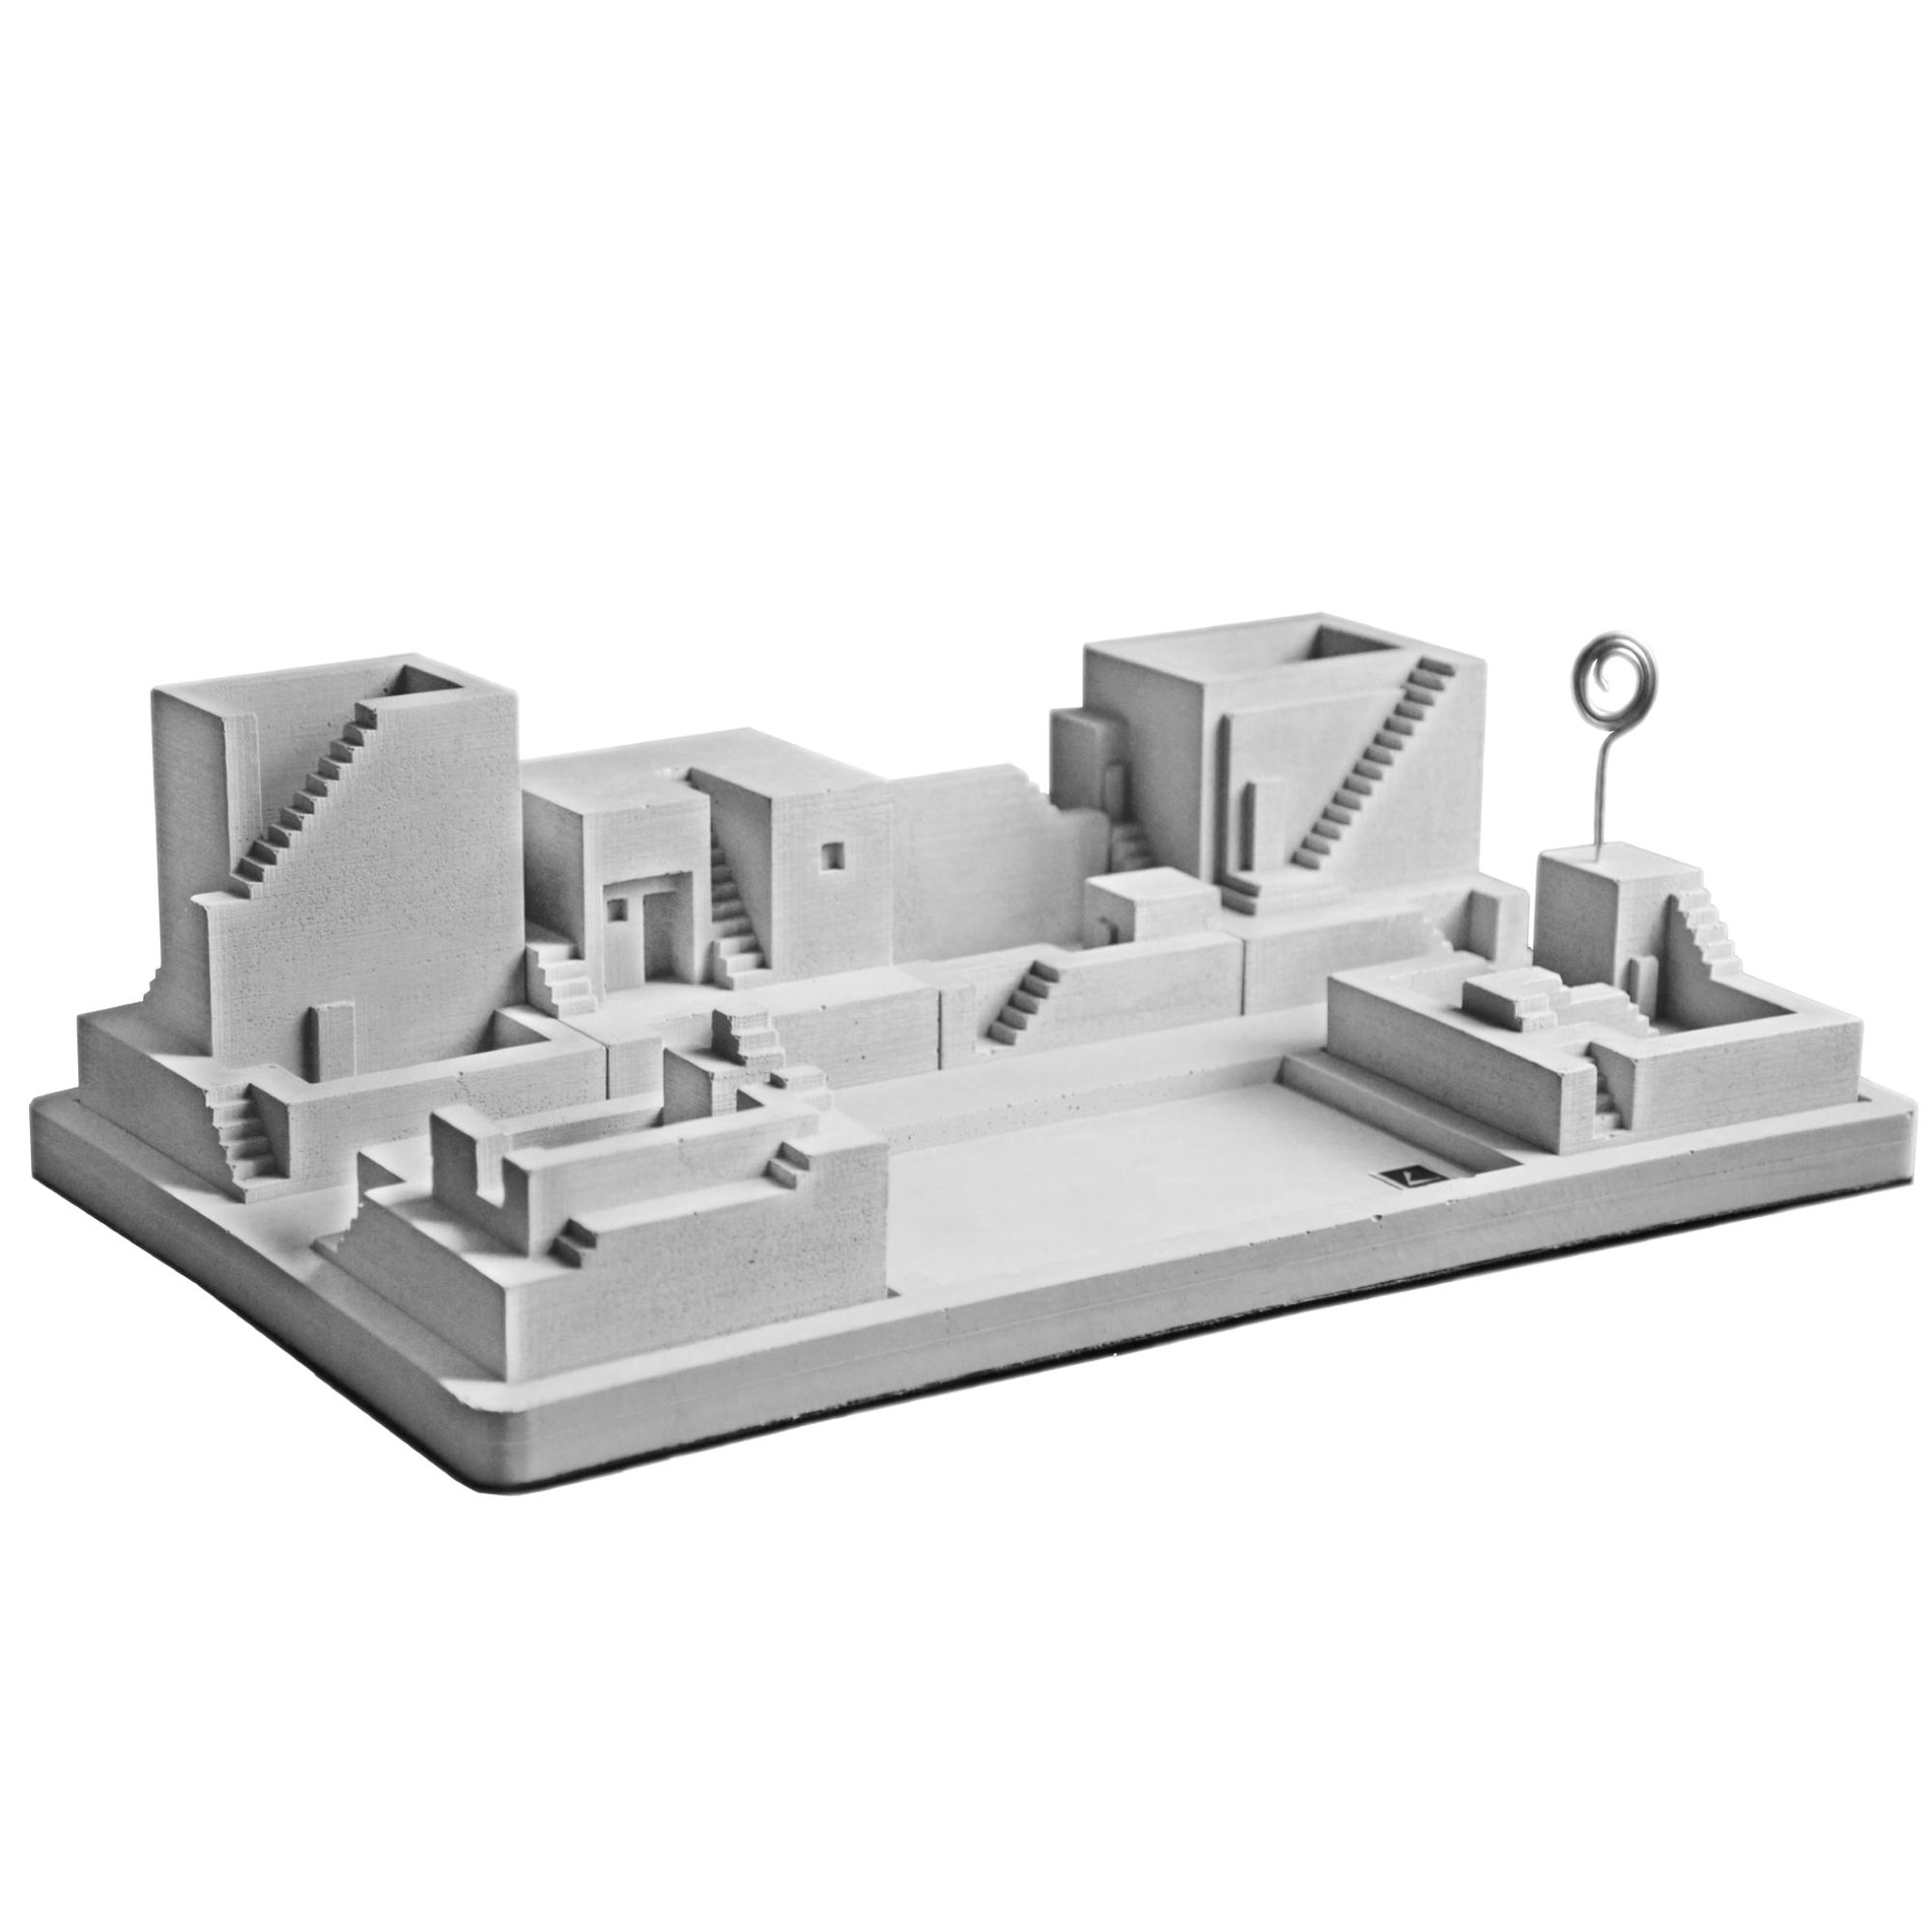 قیمت خرید لوازم اداری رومیزی استودیو اشل مدل E0 اورجینال